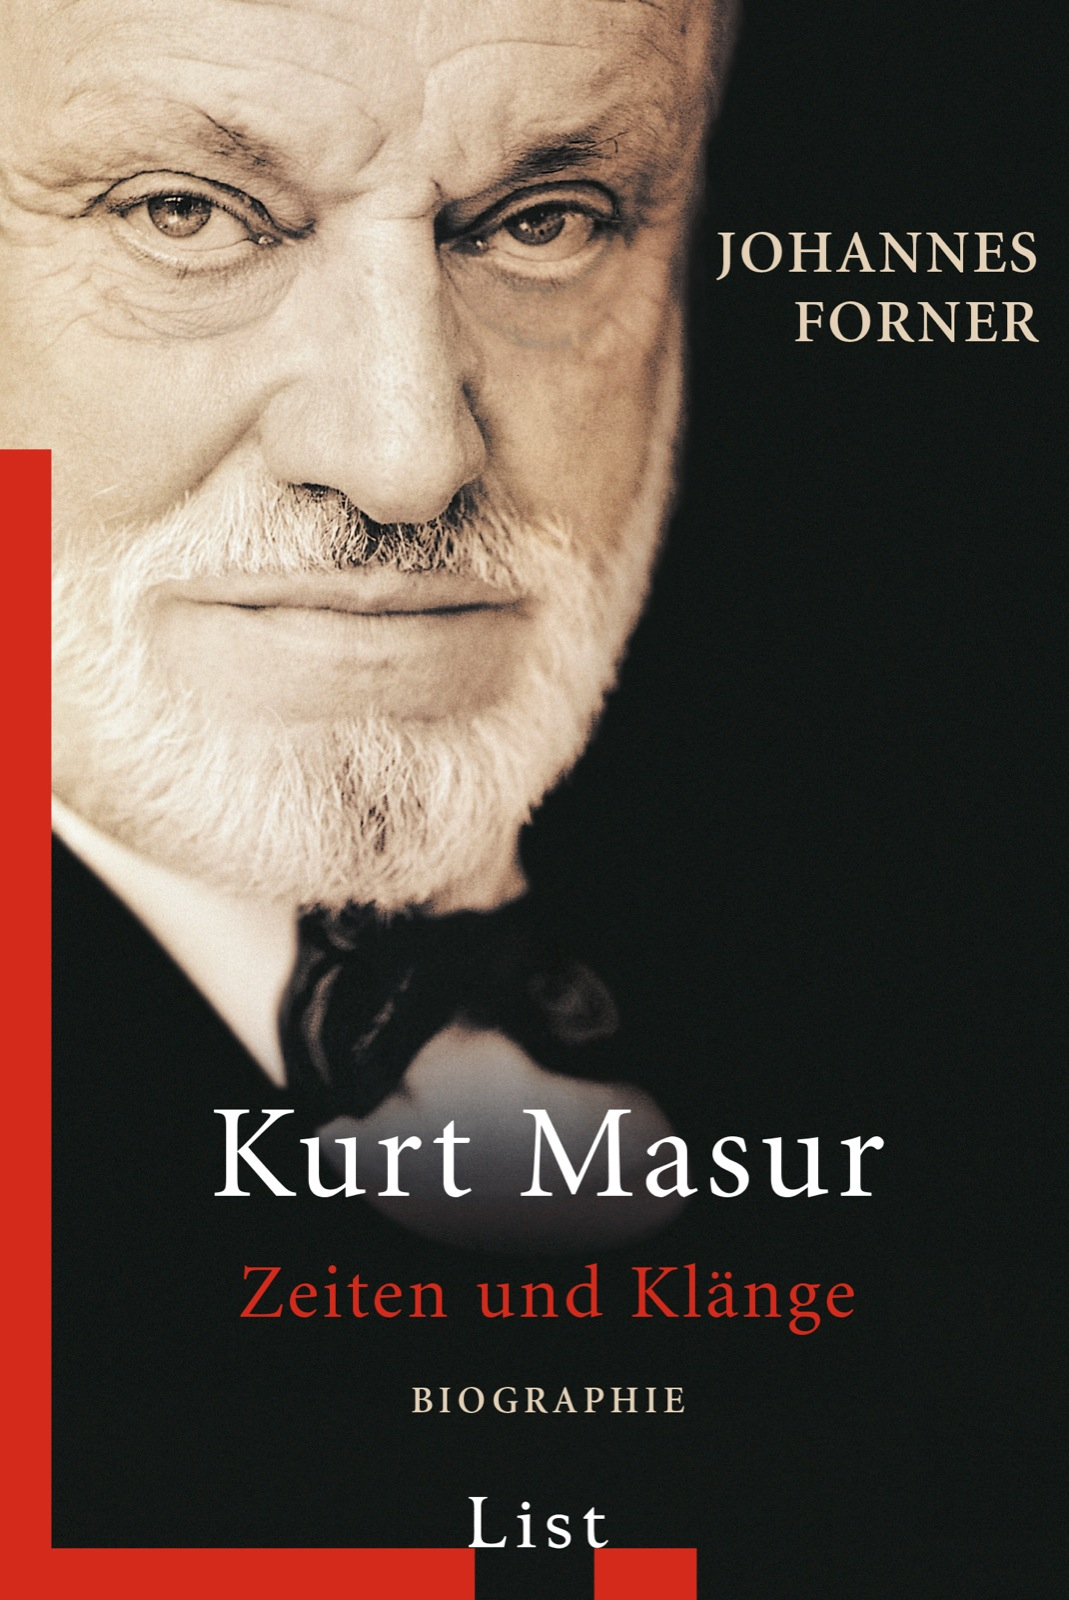 Kurt Masur: Zeiten und Klänge. - Johannes Forner